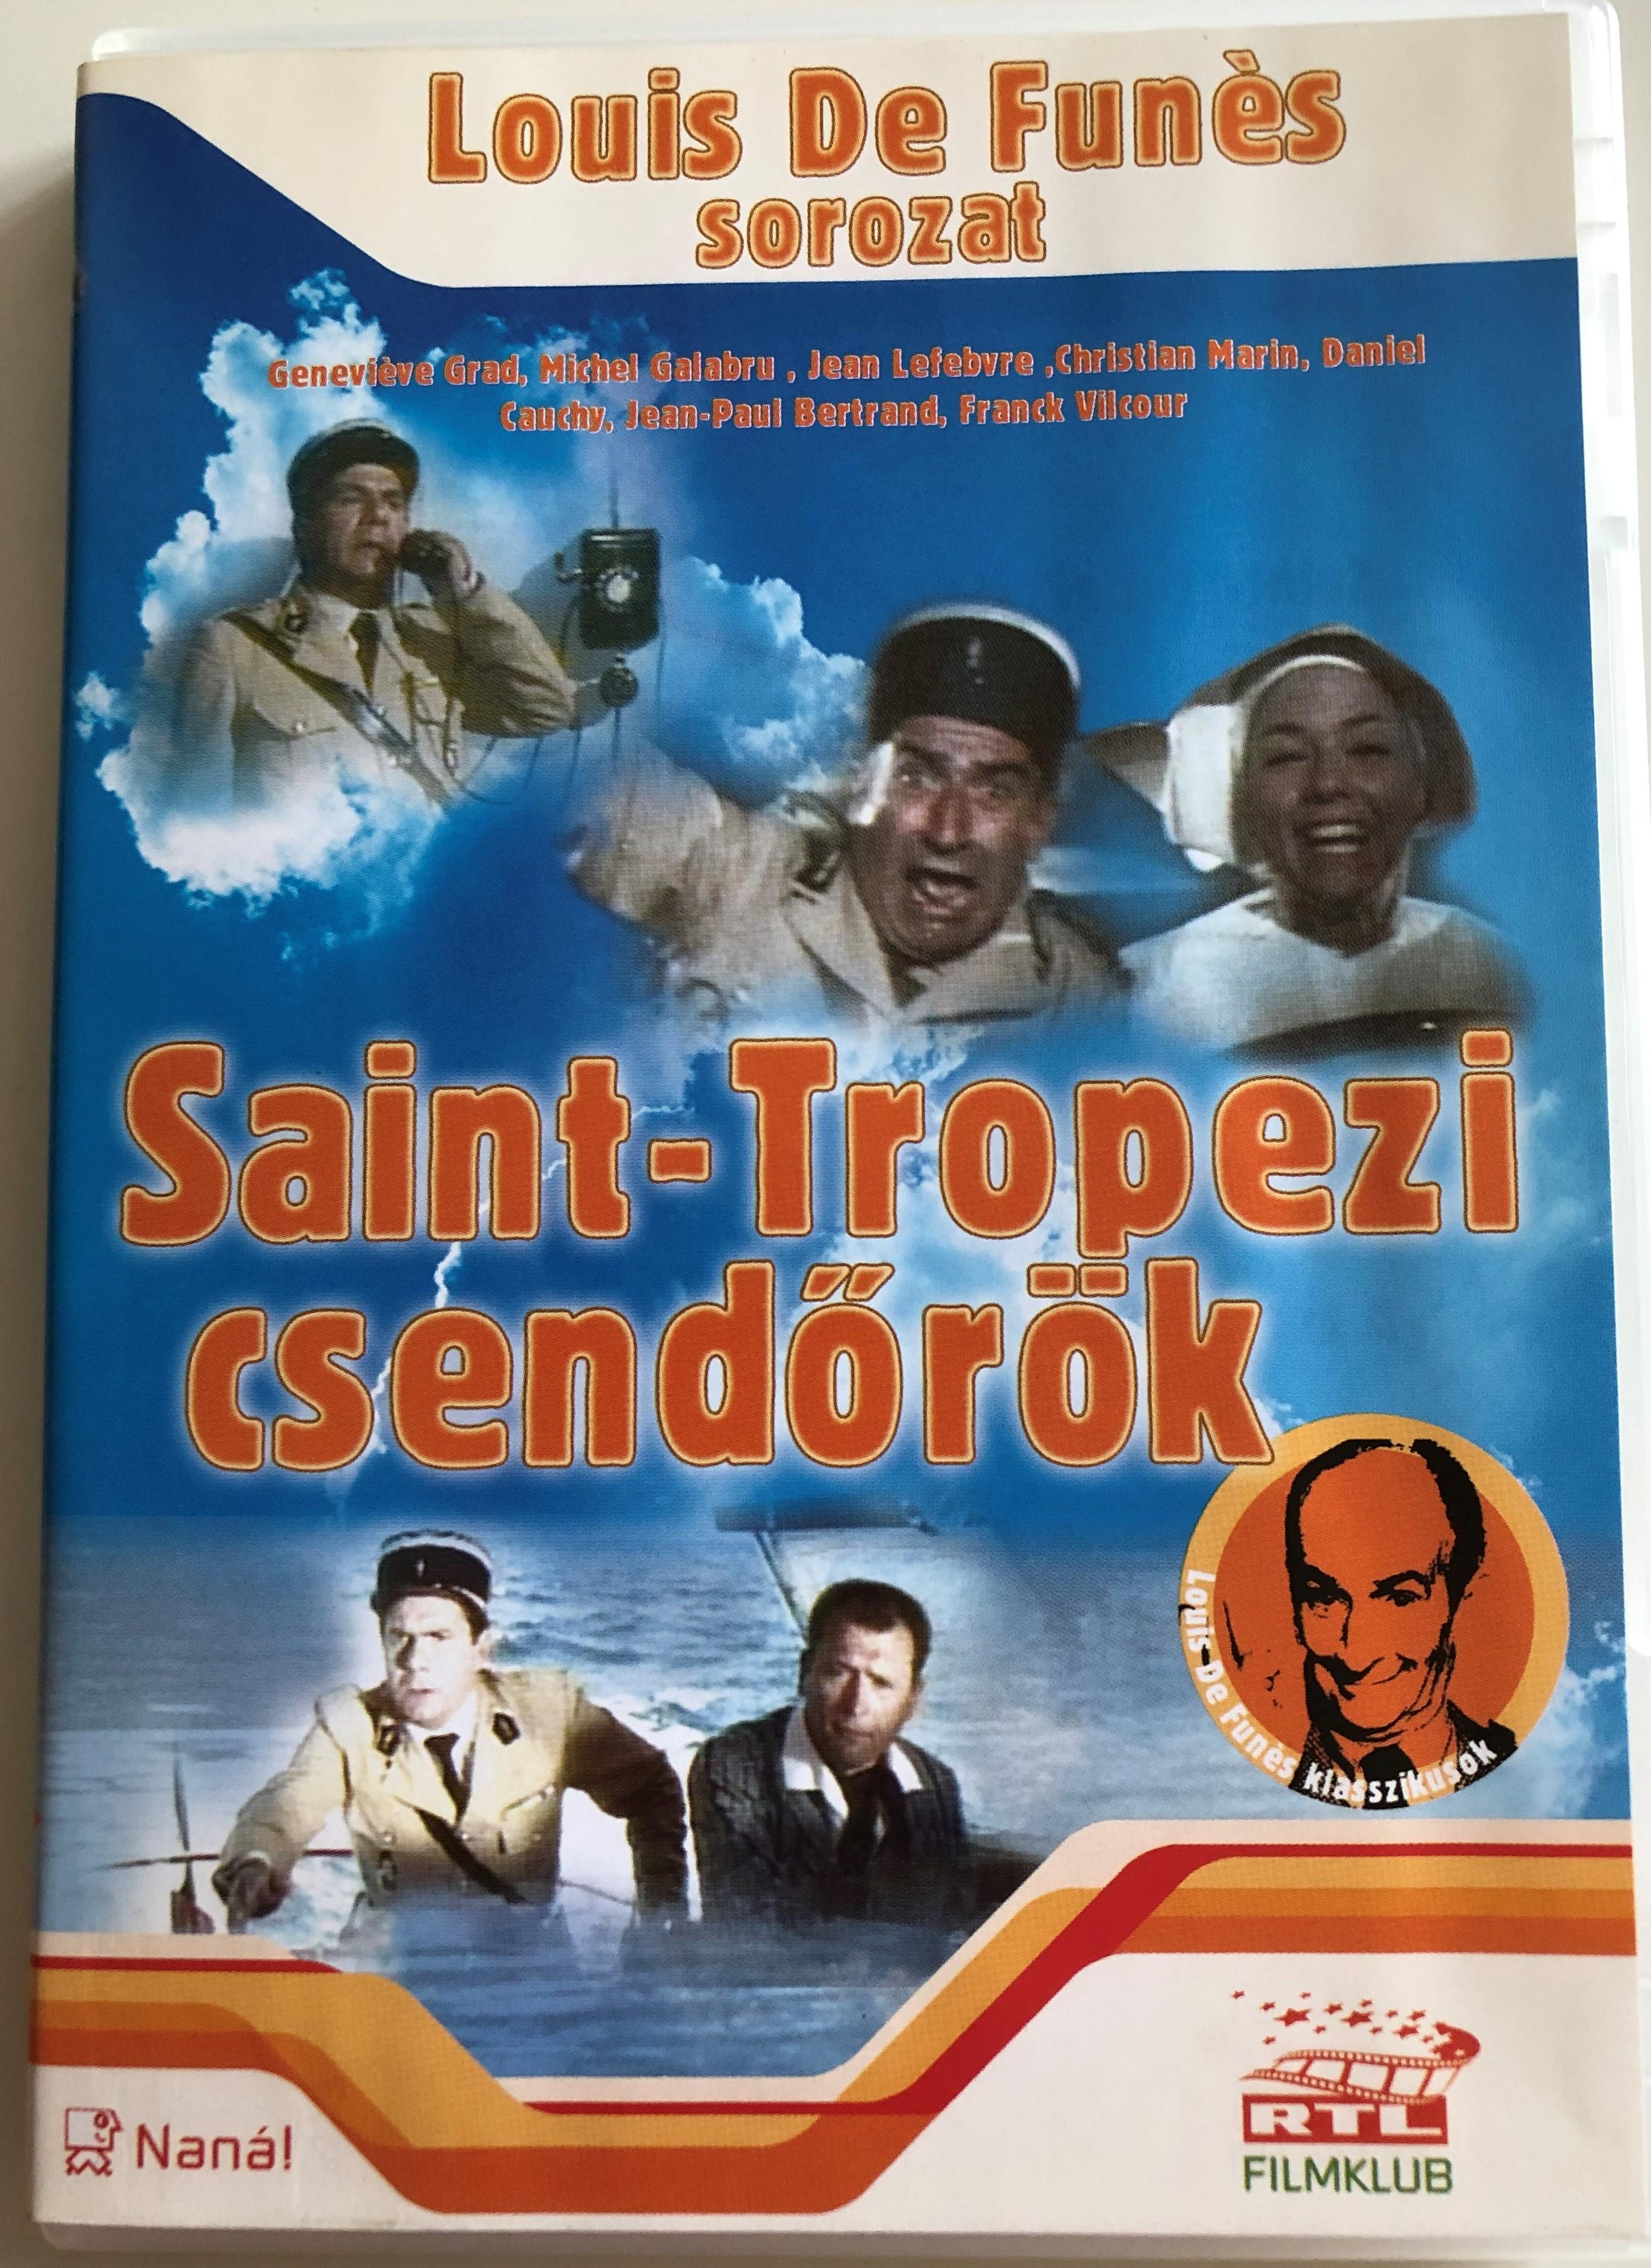 le-gendarme-de-st.-tropez-dvd-1964-saint-tropezi-csend-r-k-directed-by-jean-girault-starring-louis-de-fun-s-genevi-ve-grad-michel-galabru-jean-lefebvre-christian-marin-louis-de-fun-s-sorozat-1-.jpg